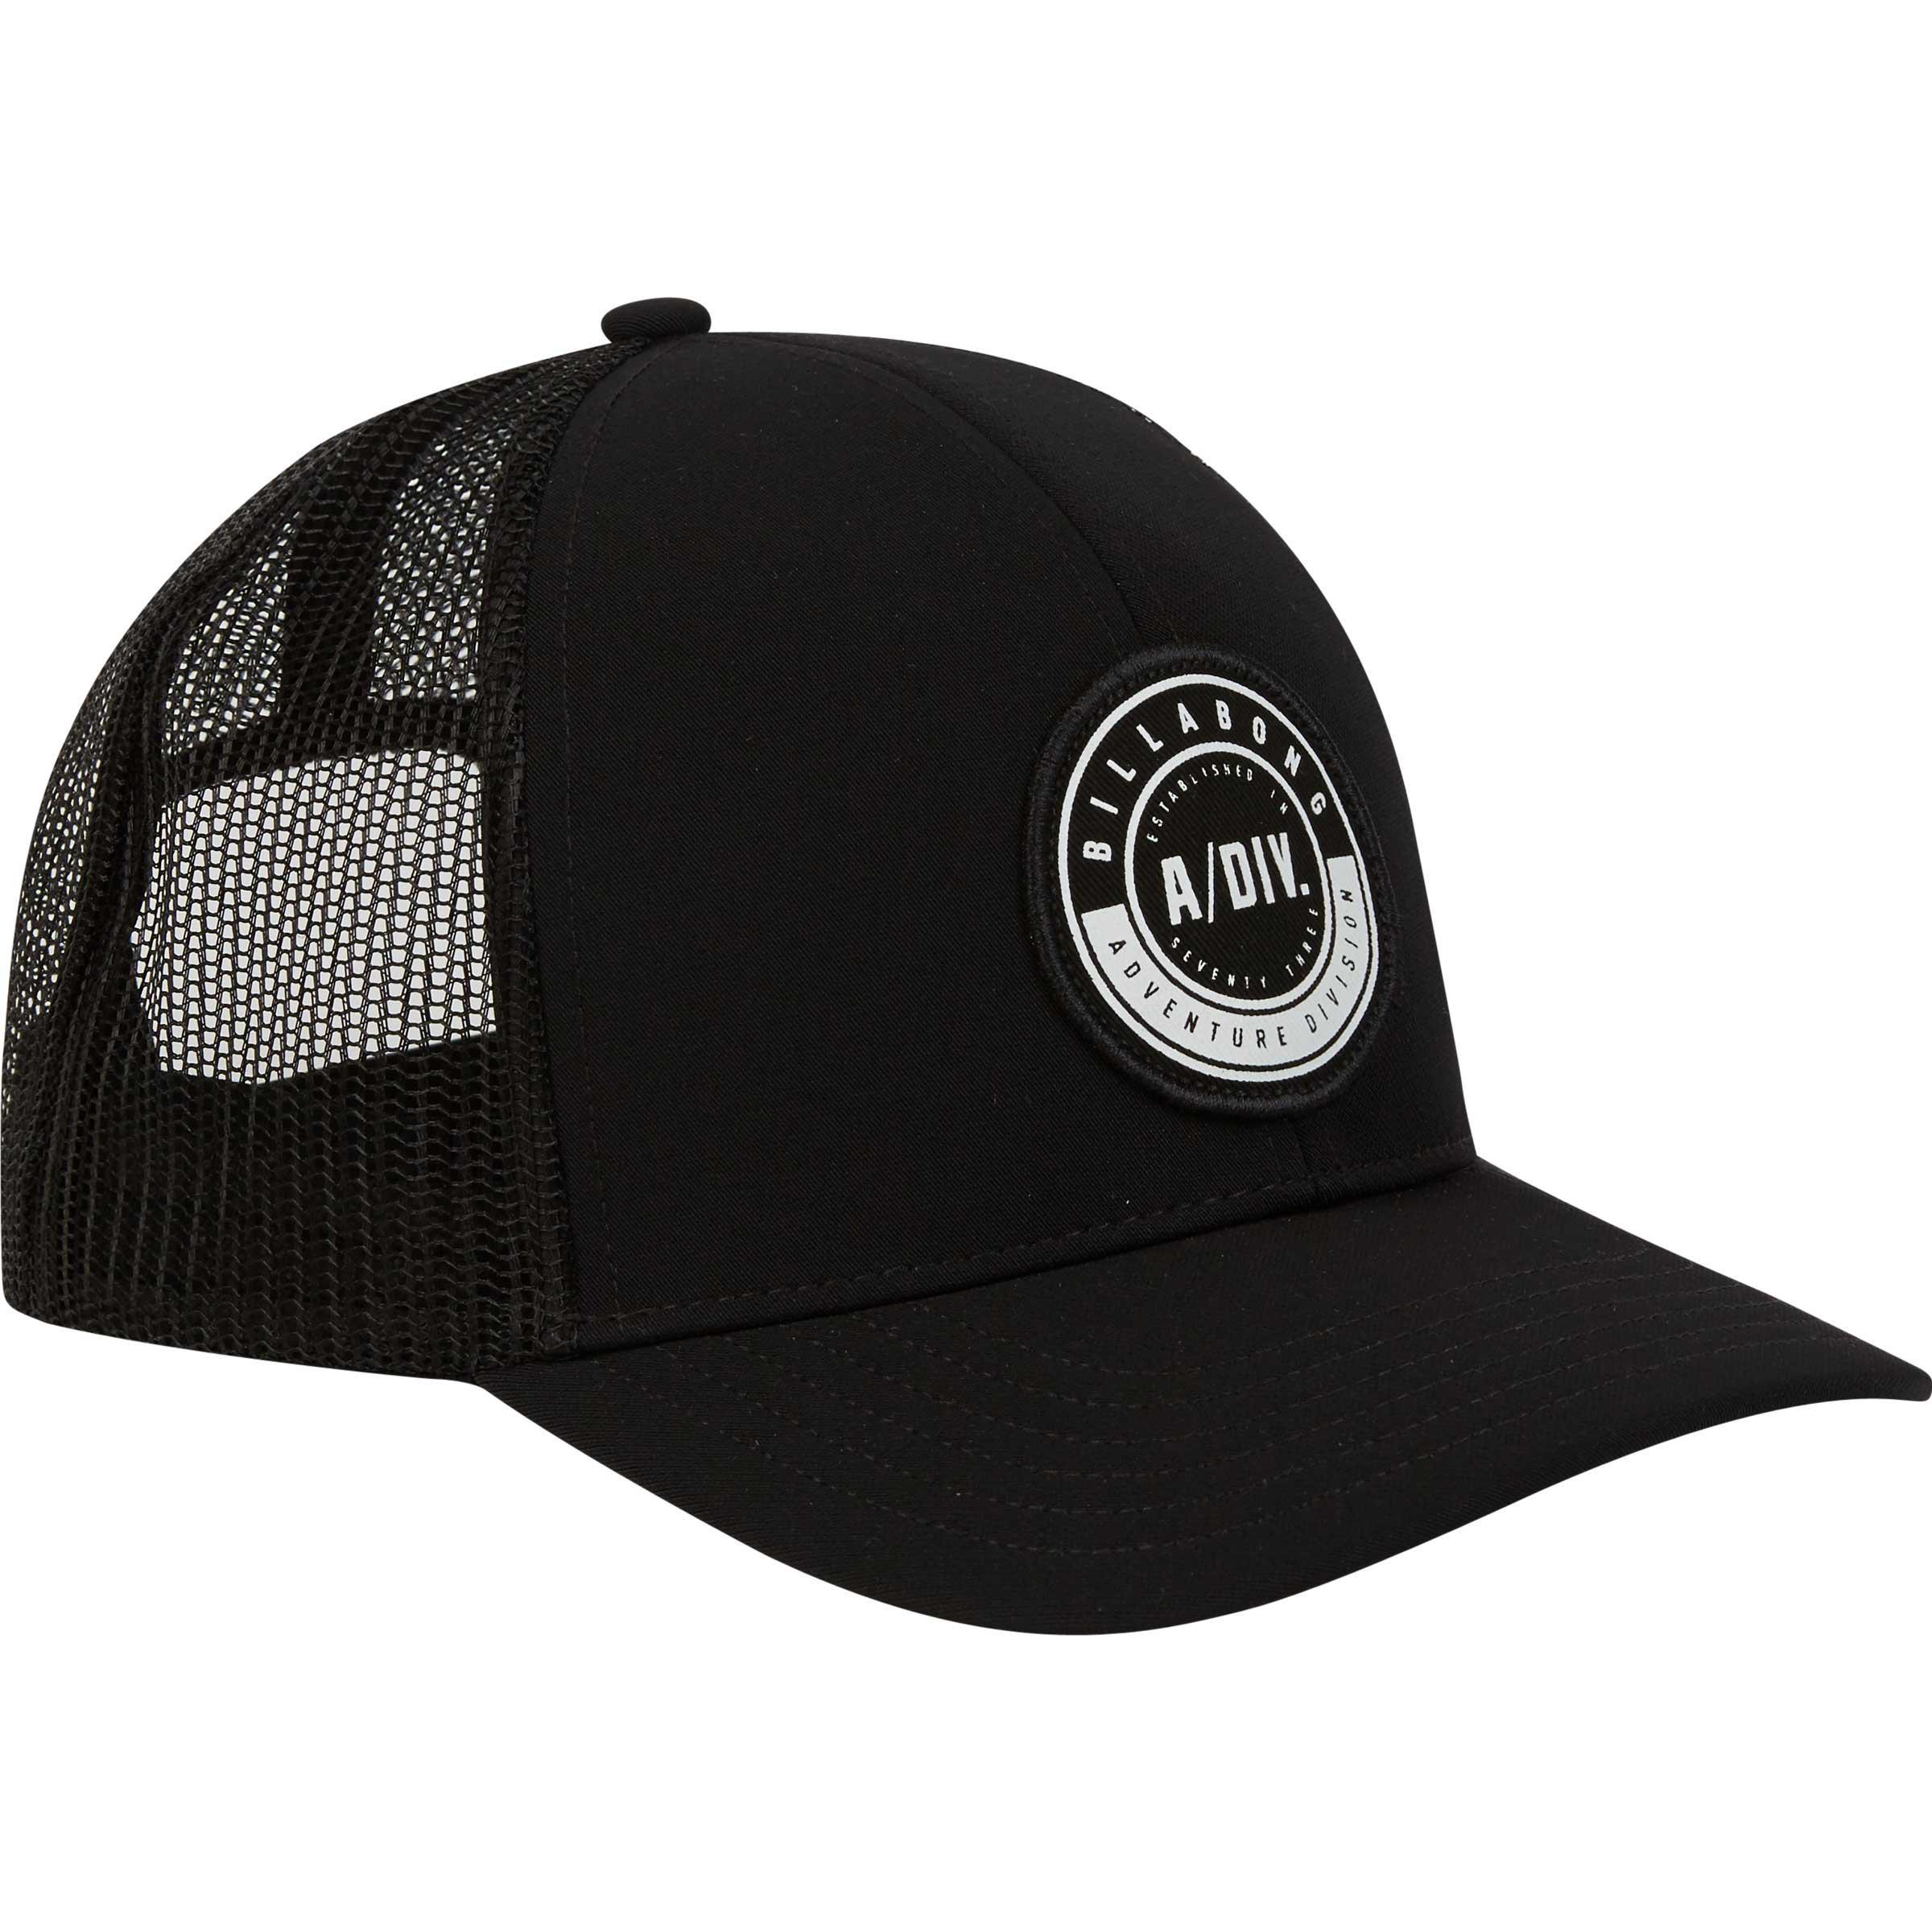 9792b68a ... best lyst billabong a div trucker hat in black for men c9426 d9a62